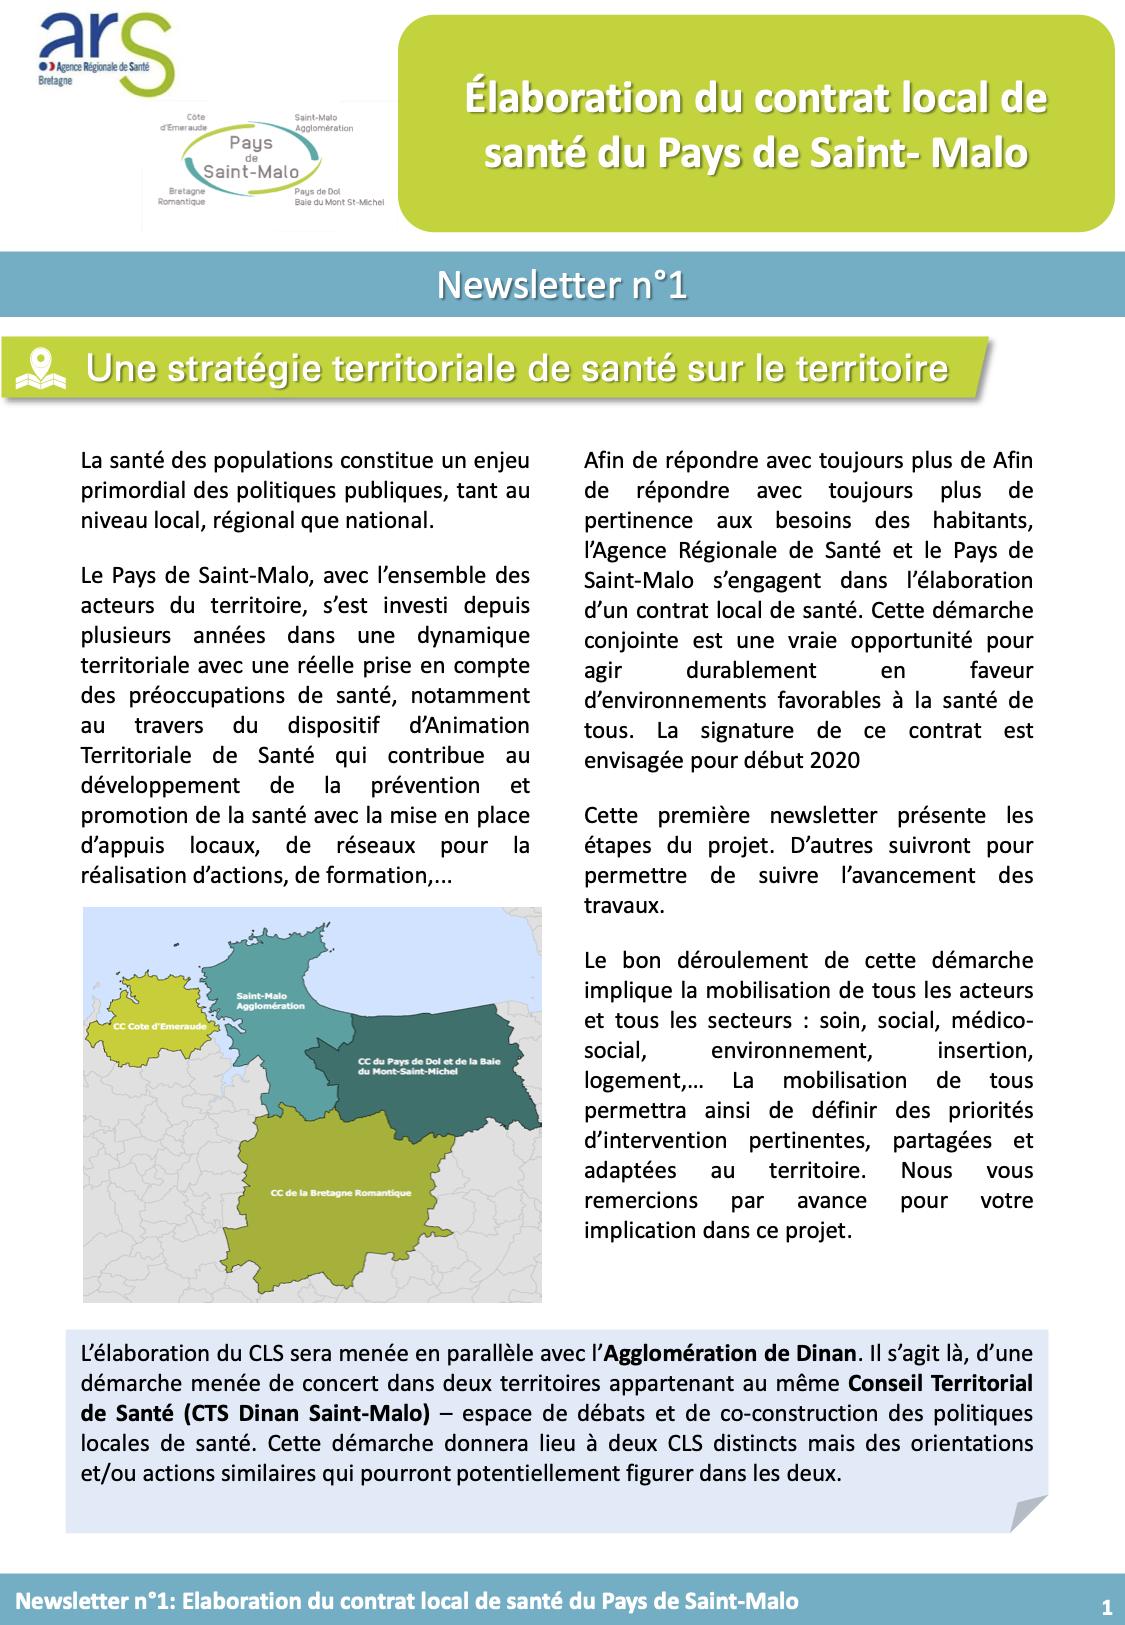 Du nouveau sur le contrat local de santé du Pays de Saint-Malo